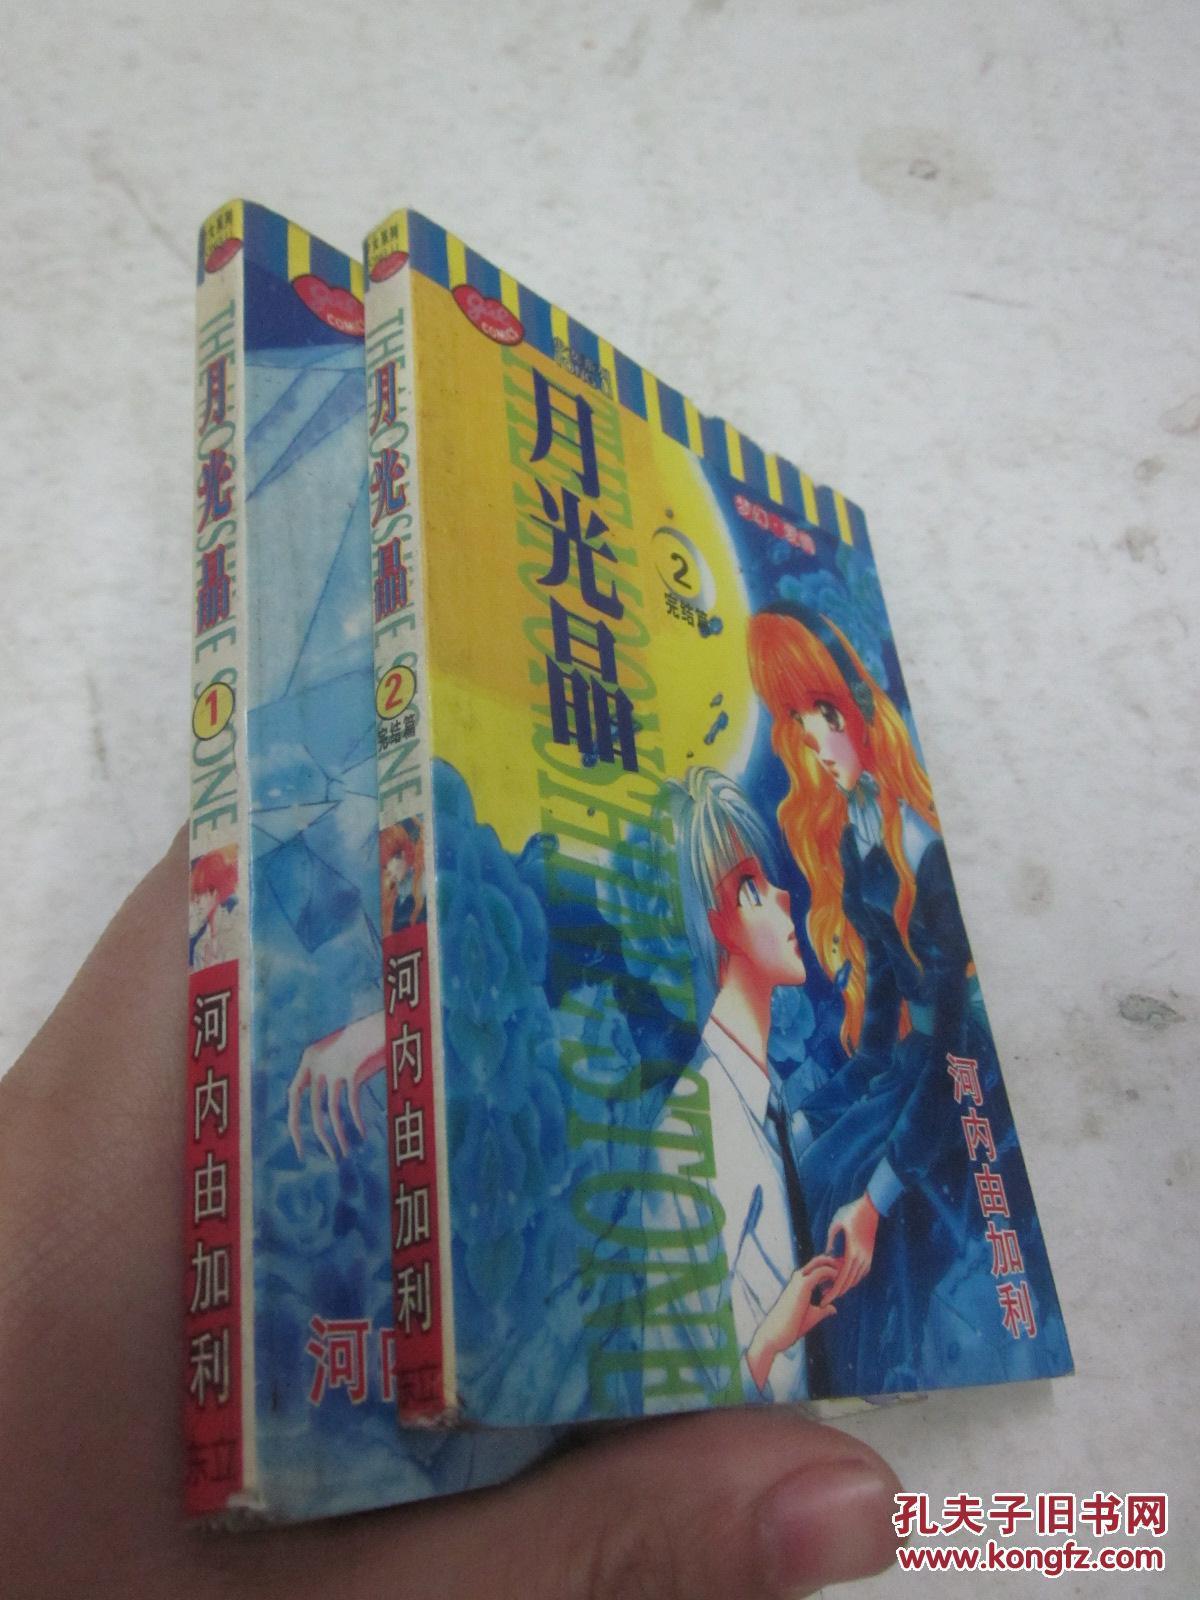 【图】漫画晶(64开漫画1-2册全合售)_月光:10v漫画的价格图片图片